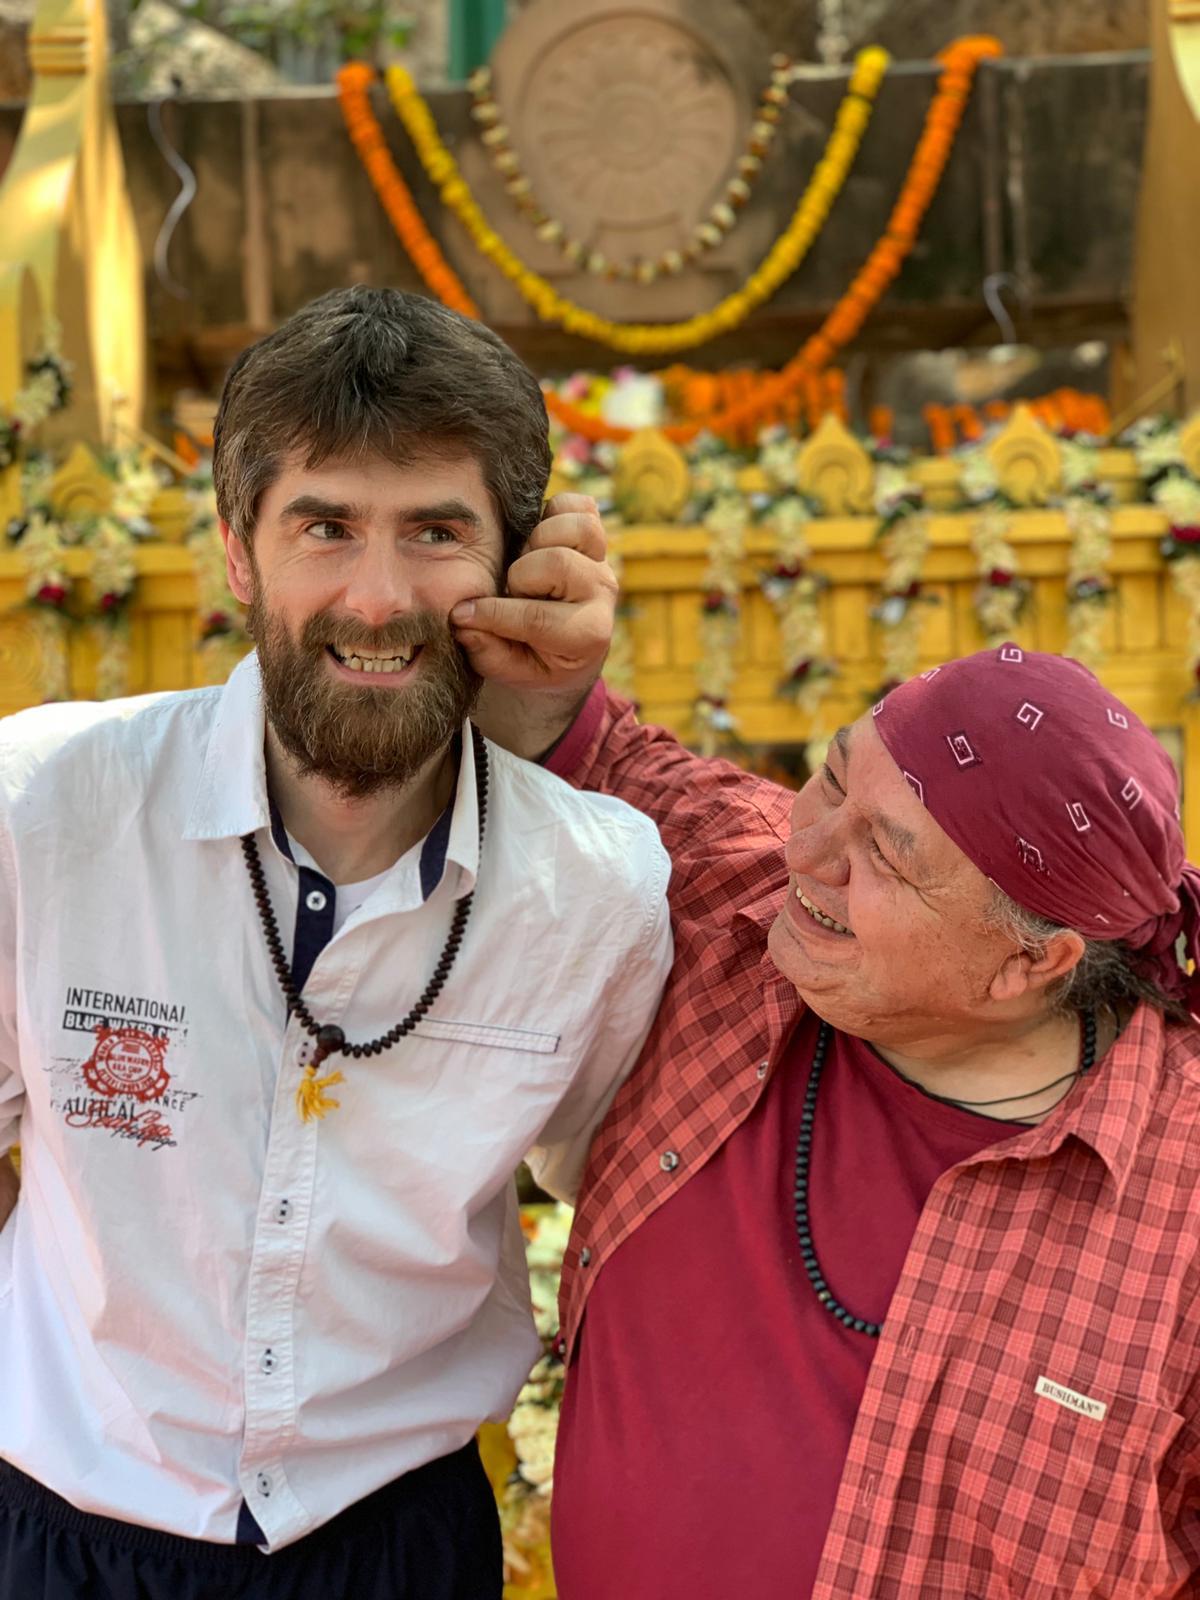 Unsere Freunde aus Tschechien. Rigpa Gebetsfest, März 2019, Bodhgaya (Indien)